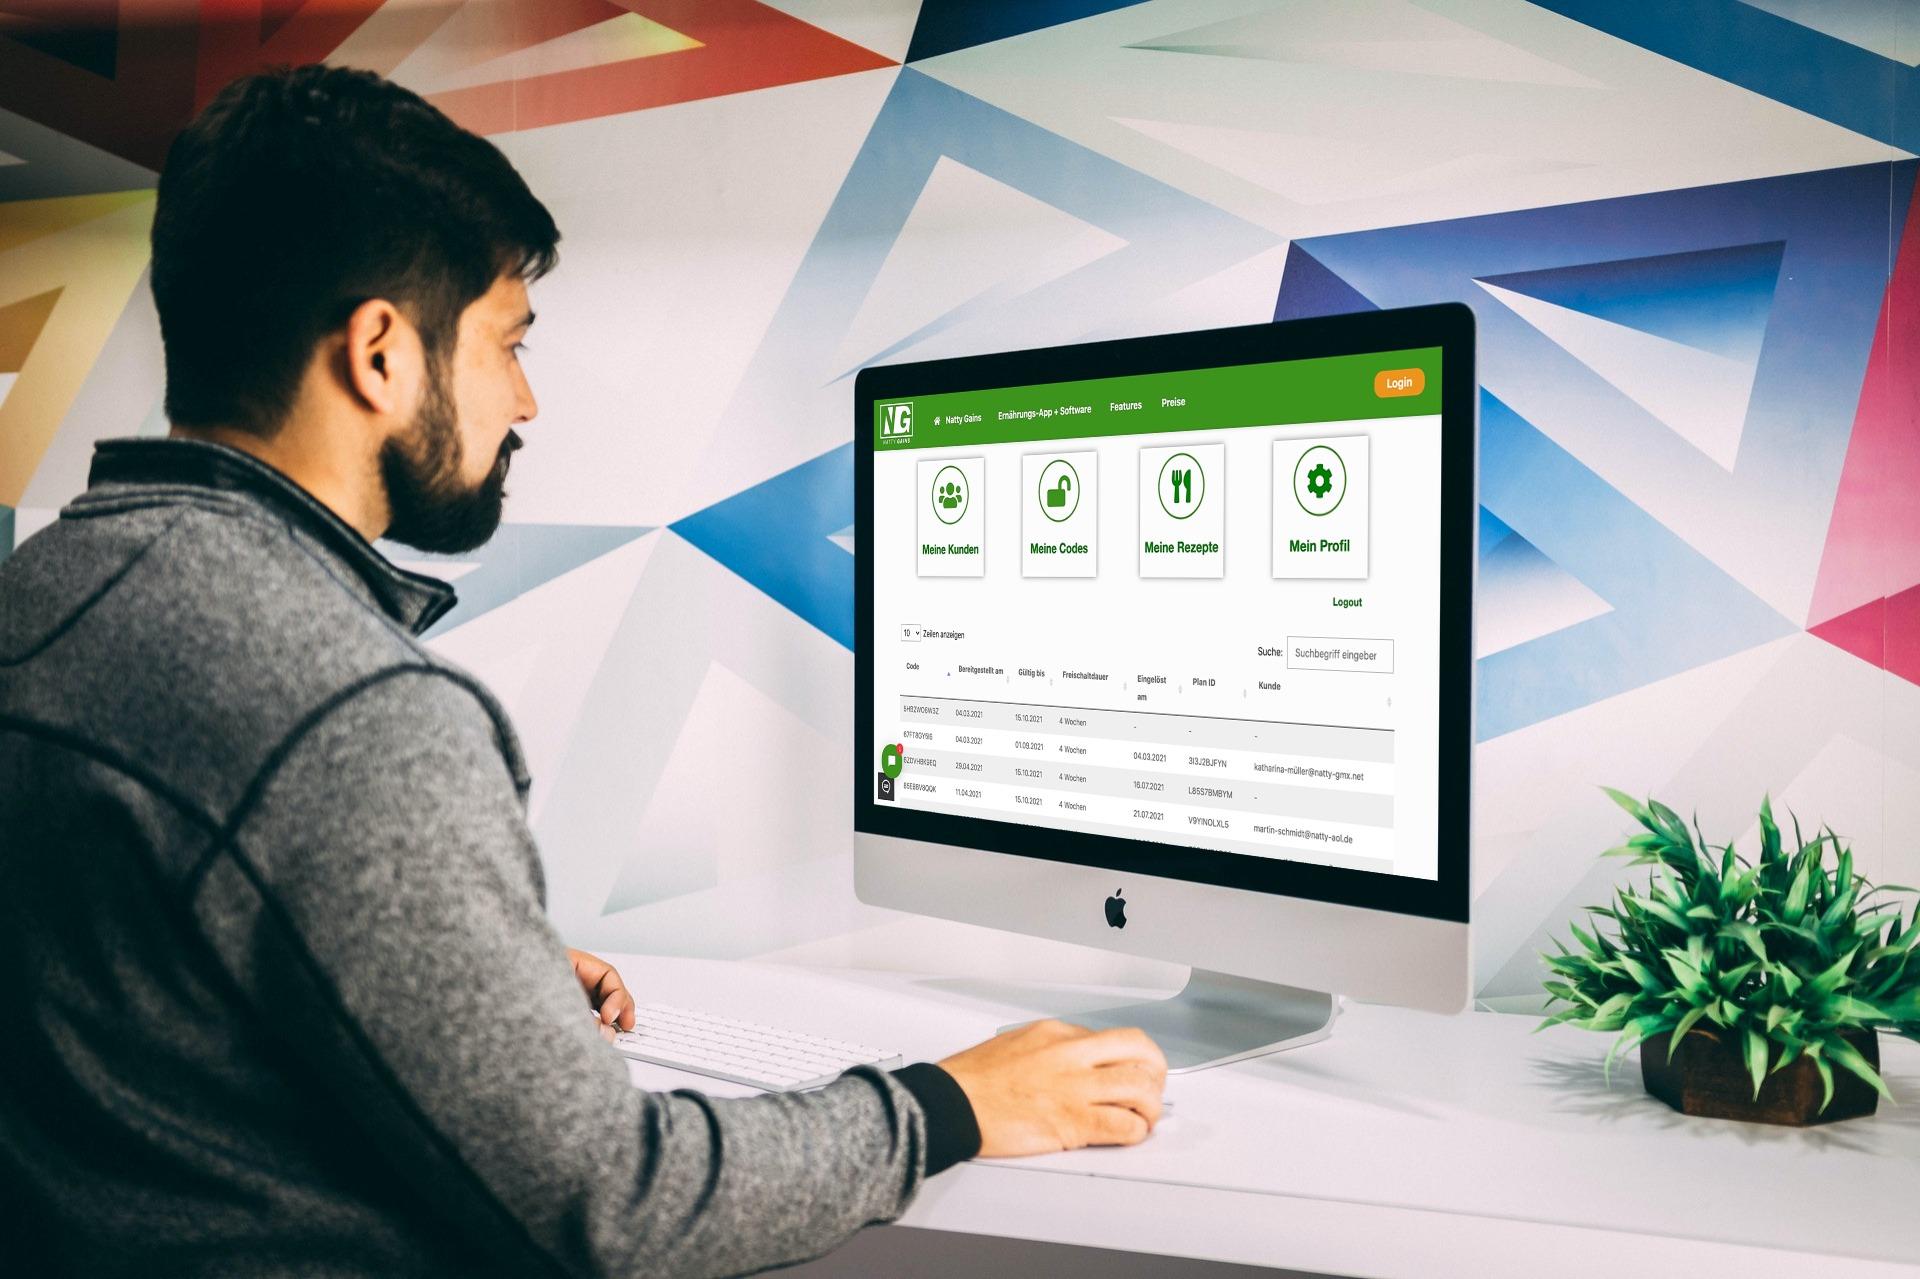 Ernährungs-Software für Personal Trainer, Ernährungsberater und Fitness Coaches - Dashboard zur Kundenübersicht